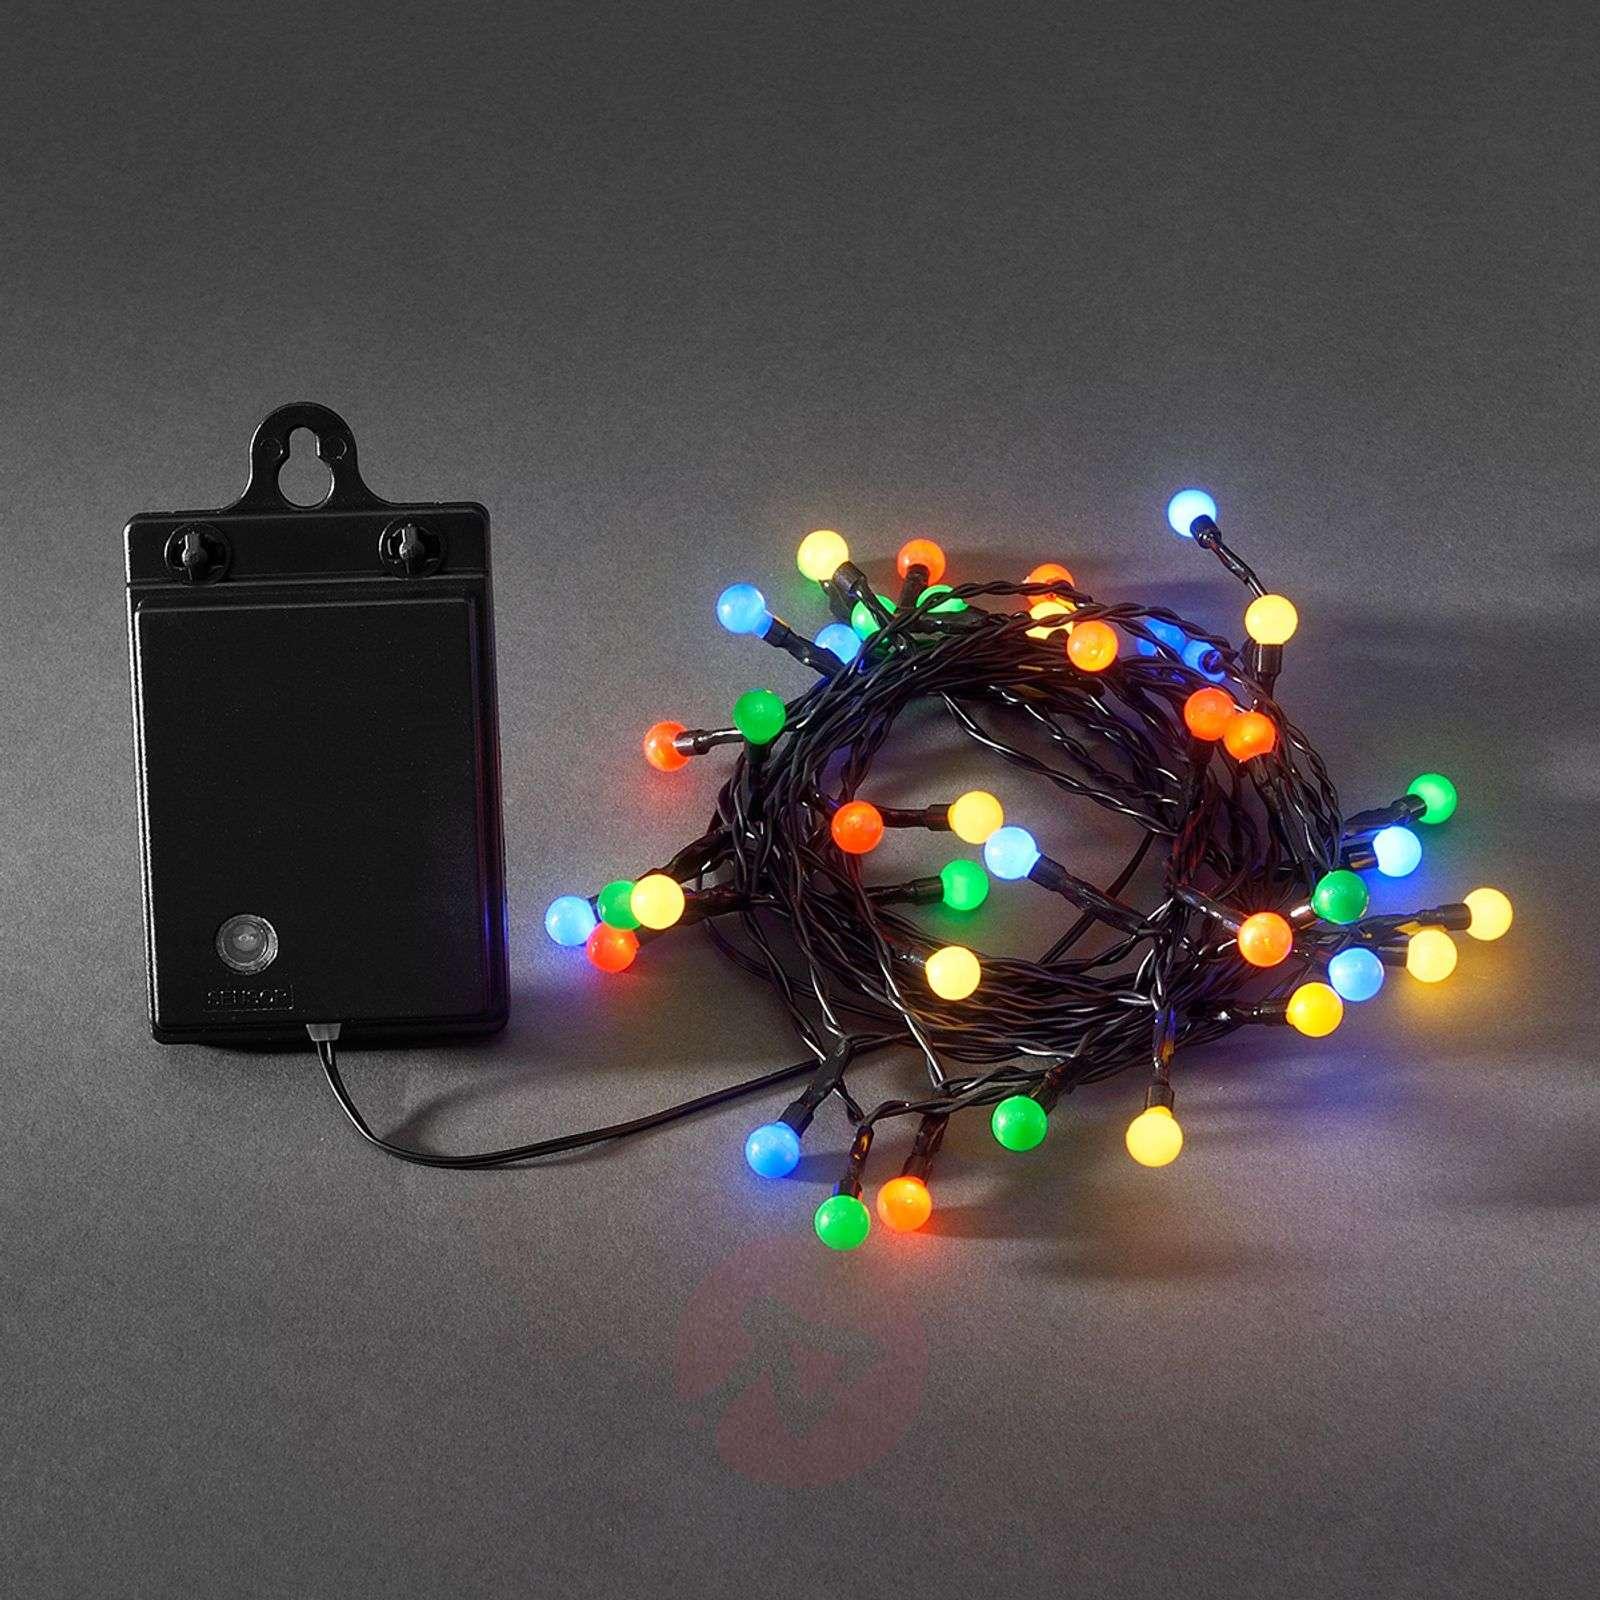 40-blb LED outdoor string lights RGB battery-5524583-01